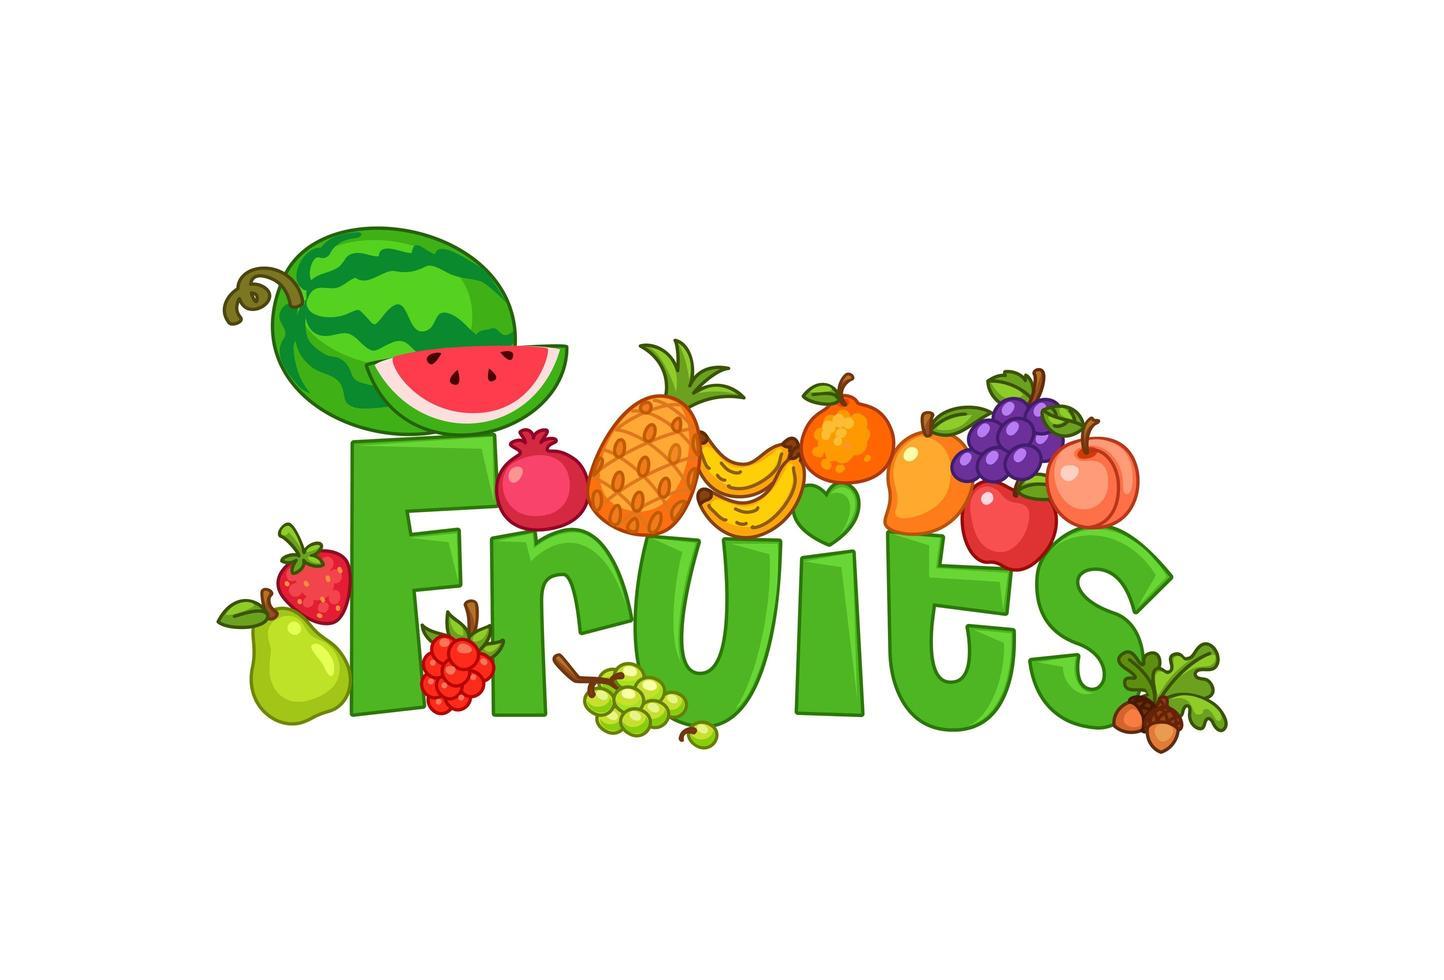 frukttext omgiven av frukt vektor